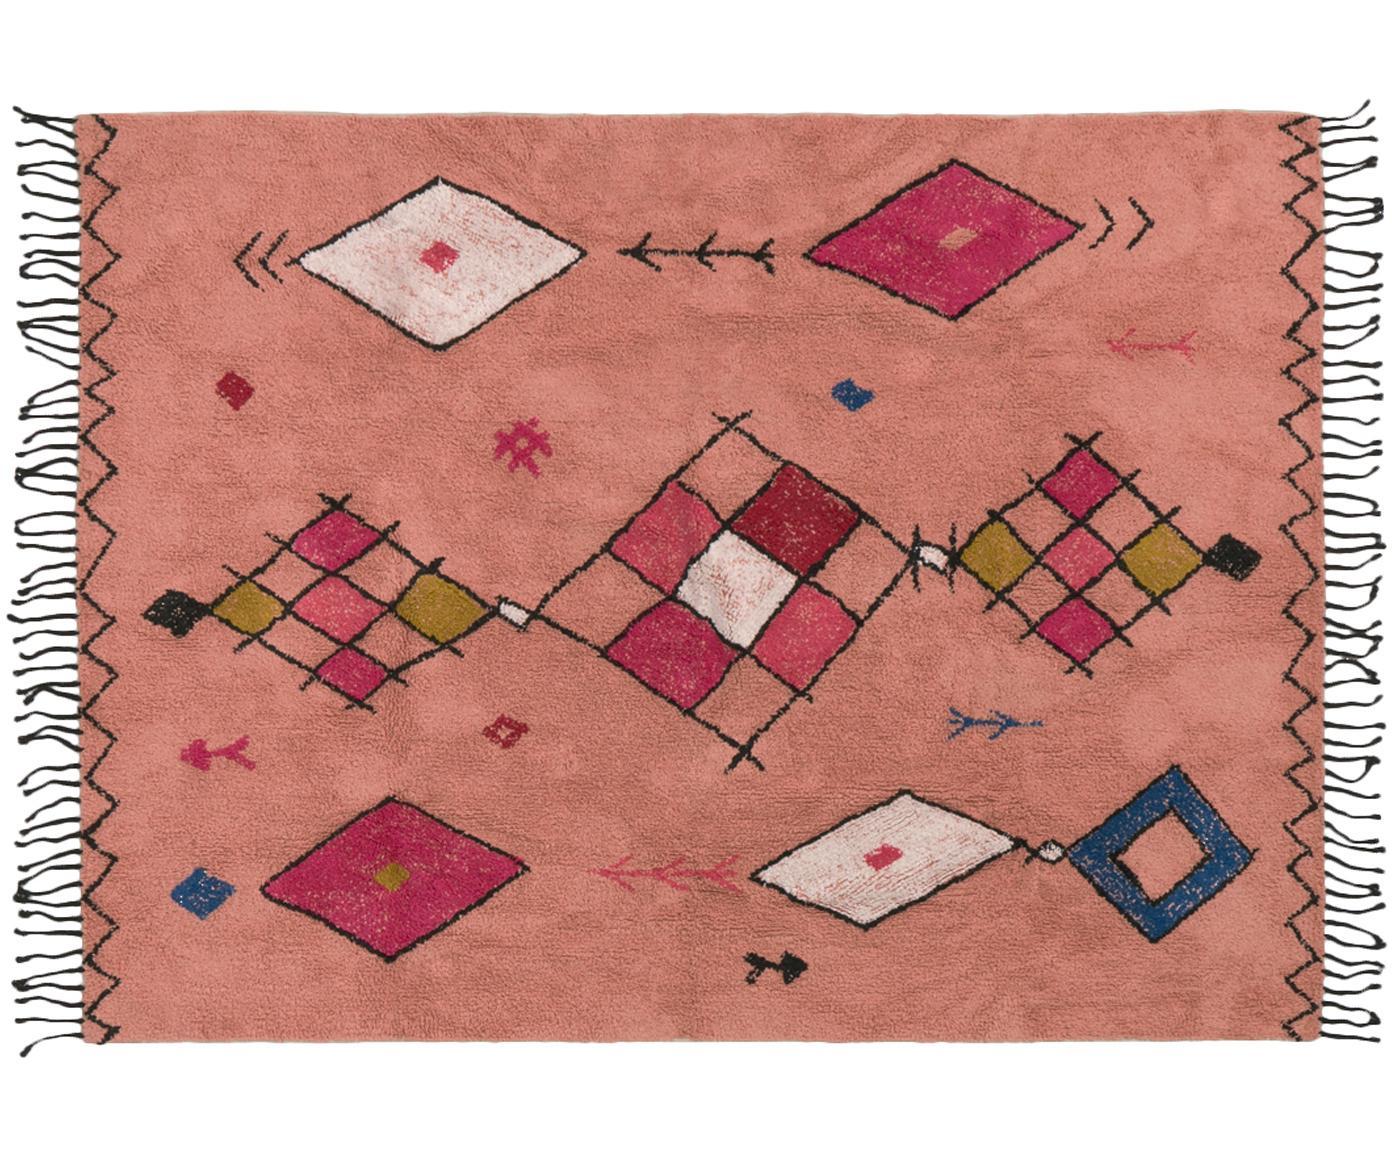 Handgetufteter Teppich Bereber, 100% Baumwolle, Korallenrot, Mehrfarbig, B 150 x L 200 cm (Grösse S)